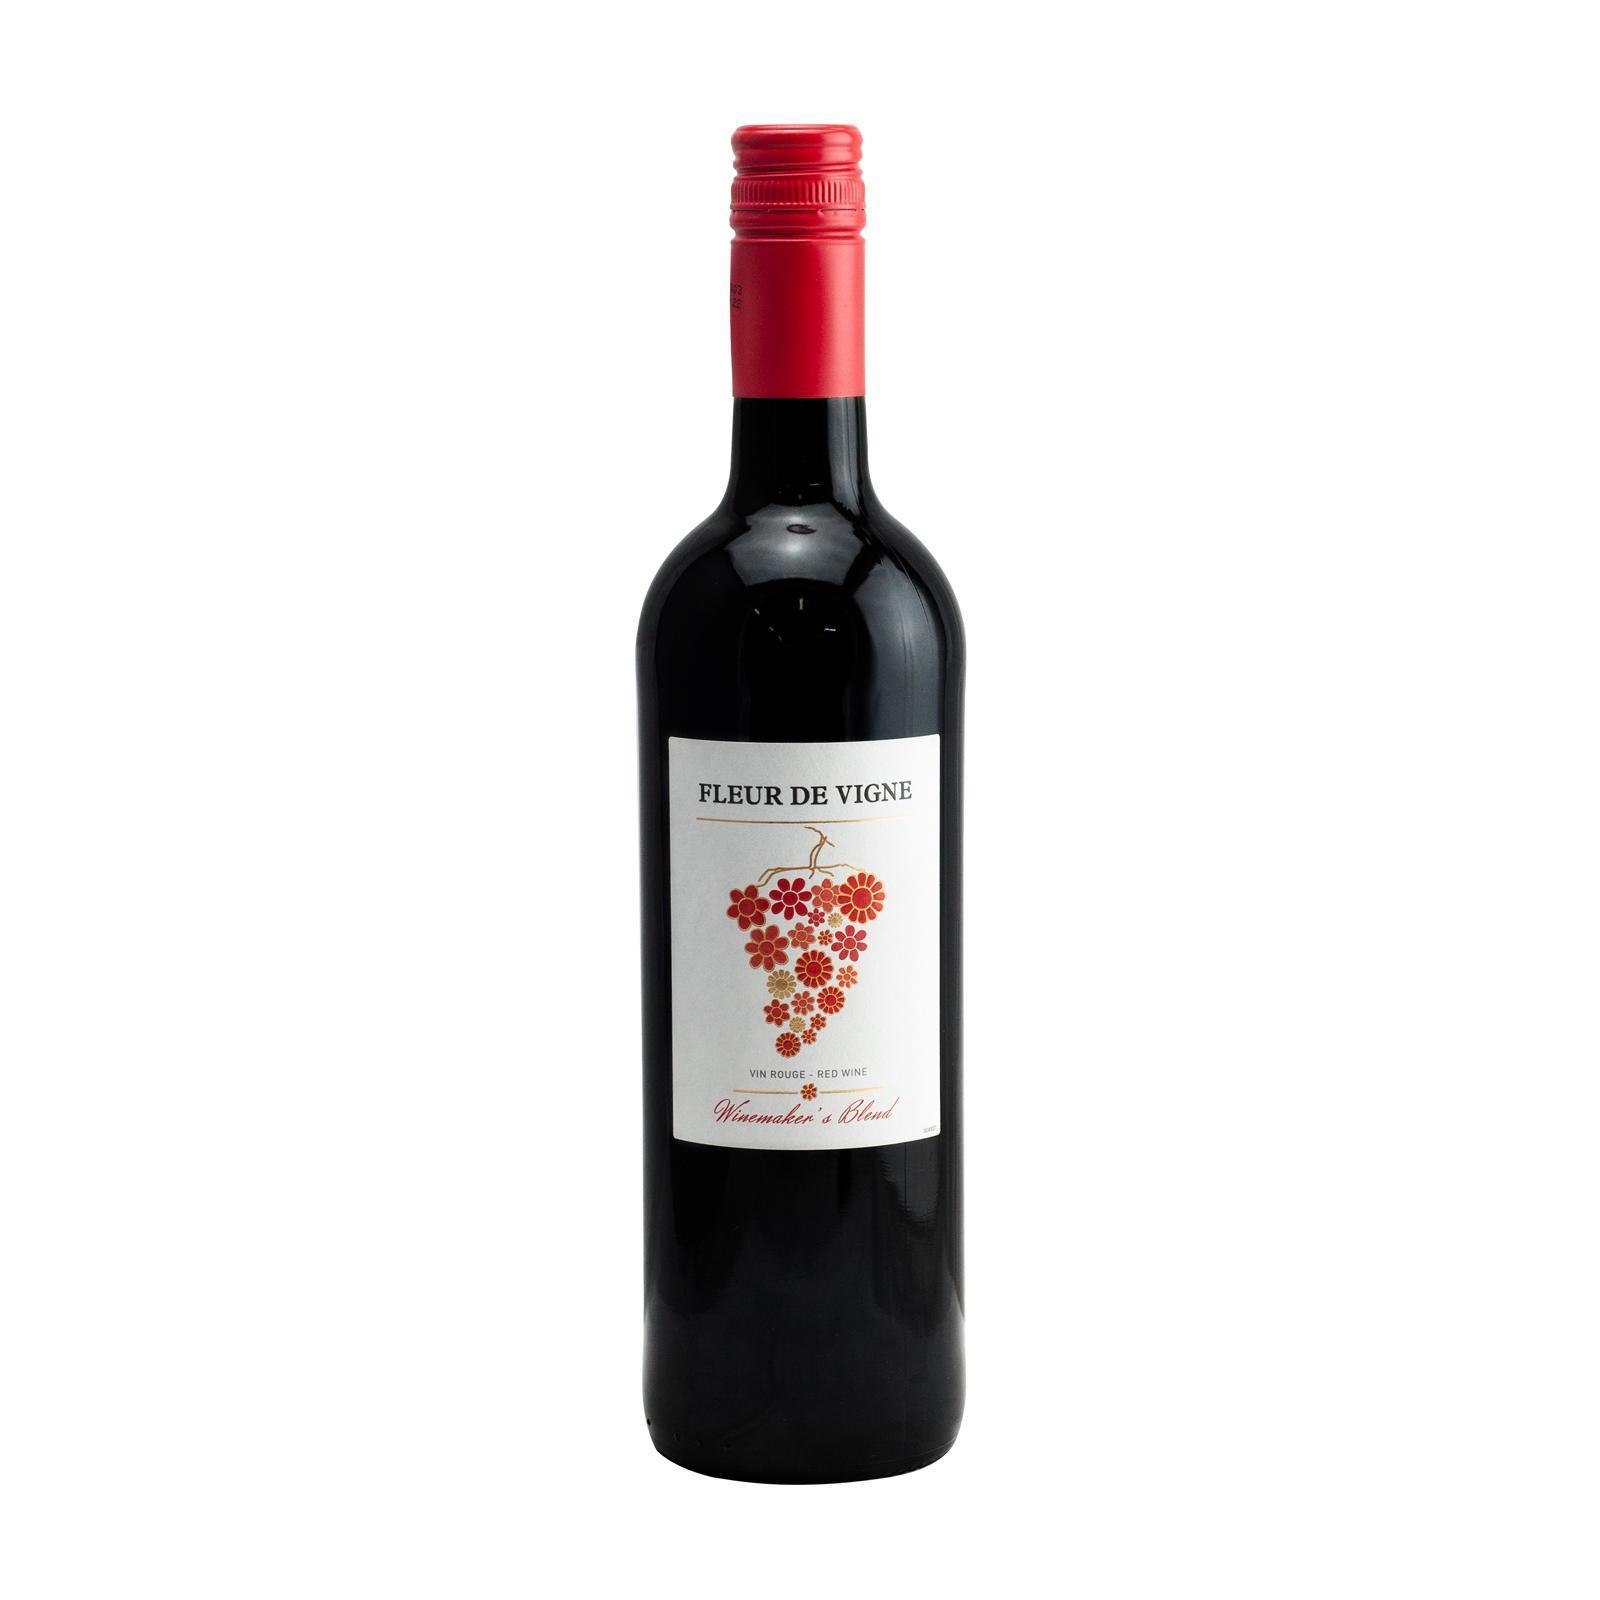 Fleur De Vigne Fleur De Vigne Rouge - By Letat-Wine and Sakes